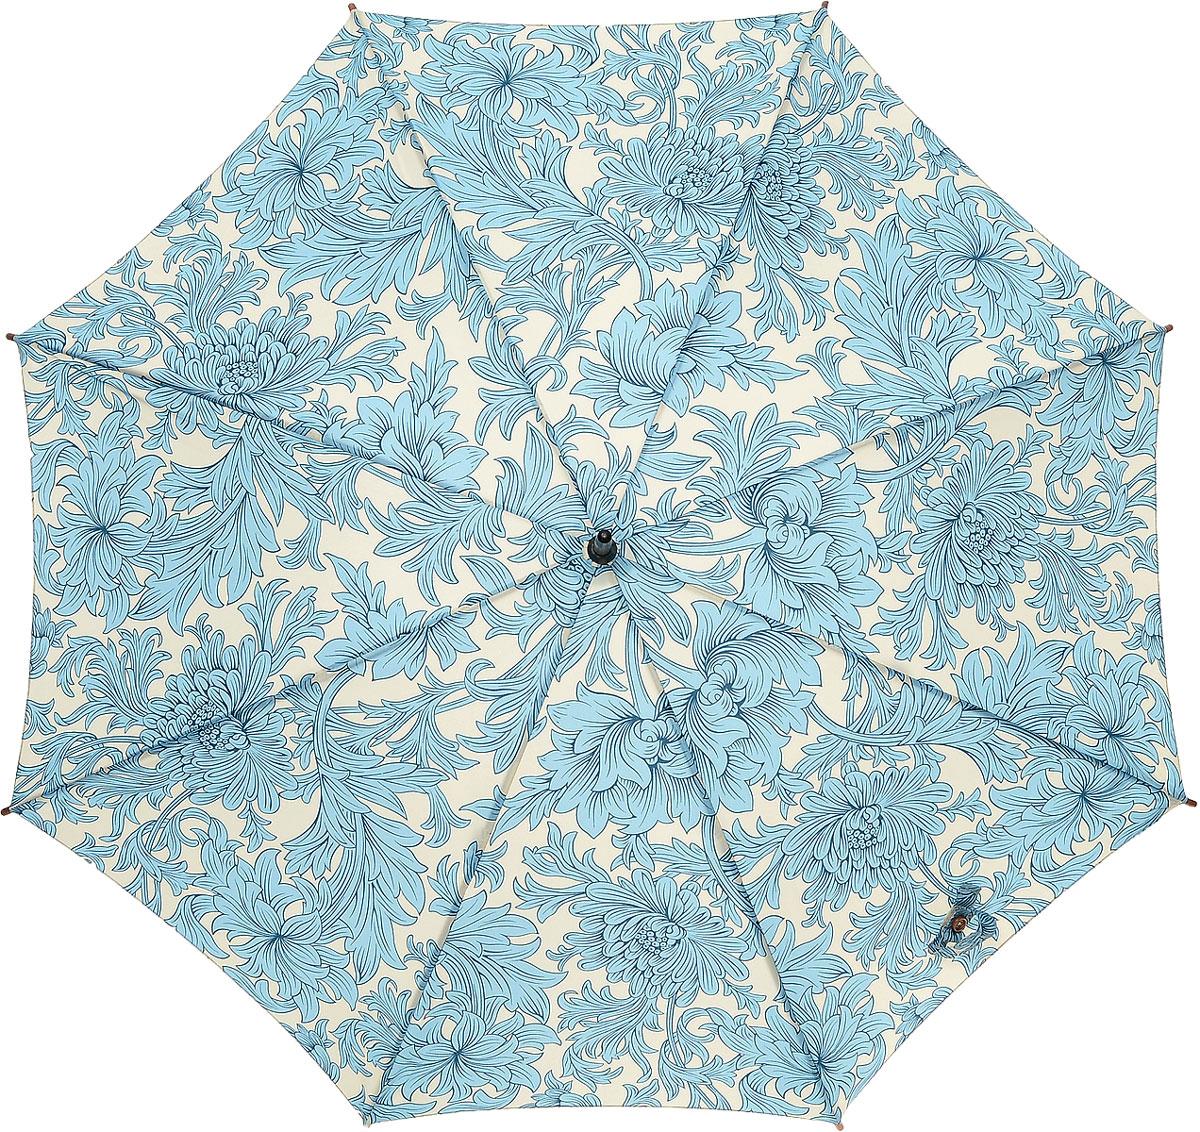 Зонт-трость женский Morris & Co Roma, механический, цвет: голубой, светло-серый. L715-2335L715-2335 ChrysanthemumМодный механический зонт-трость в итальянском стиле Morris & Co Roma даже в ненастную погоду позволит вам оставаться стильной и элегантной. Каркас зонта включает 8 спиц из фибергласса с деревянным наконечниками. Стержень изготовлен из дерева. Купол зонта выполнен из износостойкого полиэстера и оформлен оригинальным цветочным принтом. Изделие дополнено удобной рукояткой из гладкого дерева. Зонт механического сложения: купол открывается и закрывается вручную до характерного щелчка. Модель дополнительно застегивается с помощью двух хлястиков: на кнопку и липучку с декоративной пуговицей. Такой зонт не только надежно защитит вас от дождя, но и станет стильным аксессуаром, который идеально подчеркнет ваш неповторимый образ.